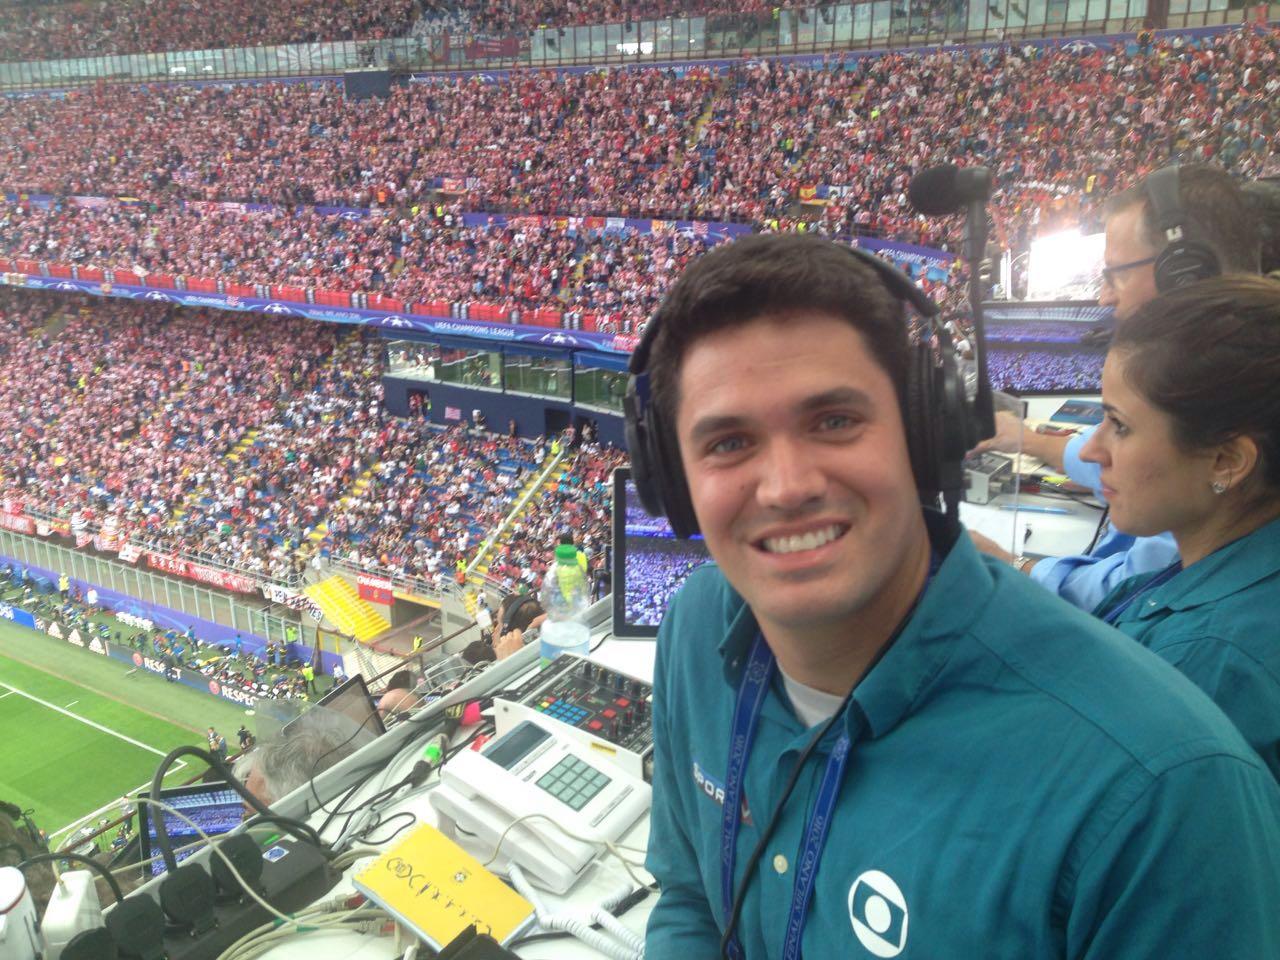 O jornalista da Globo, Marcelo Courrege, em transmissão de jogo  (Foto: Reprodução)